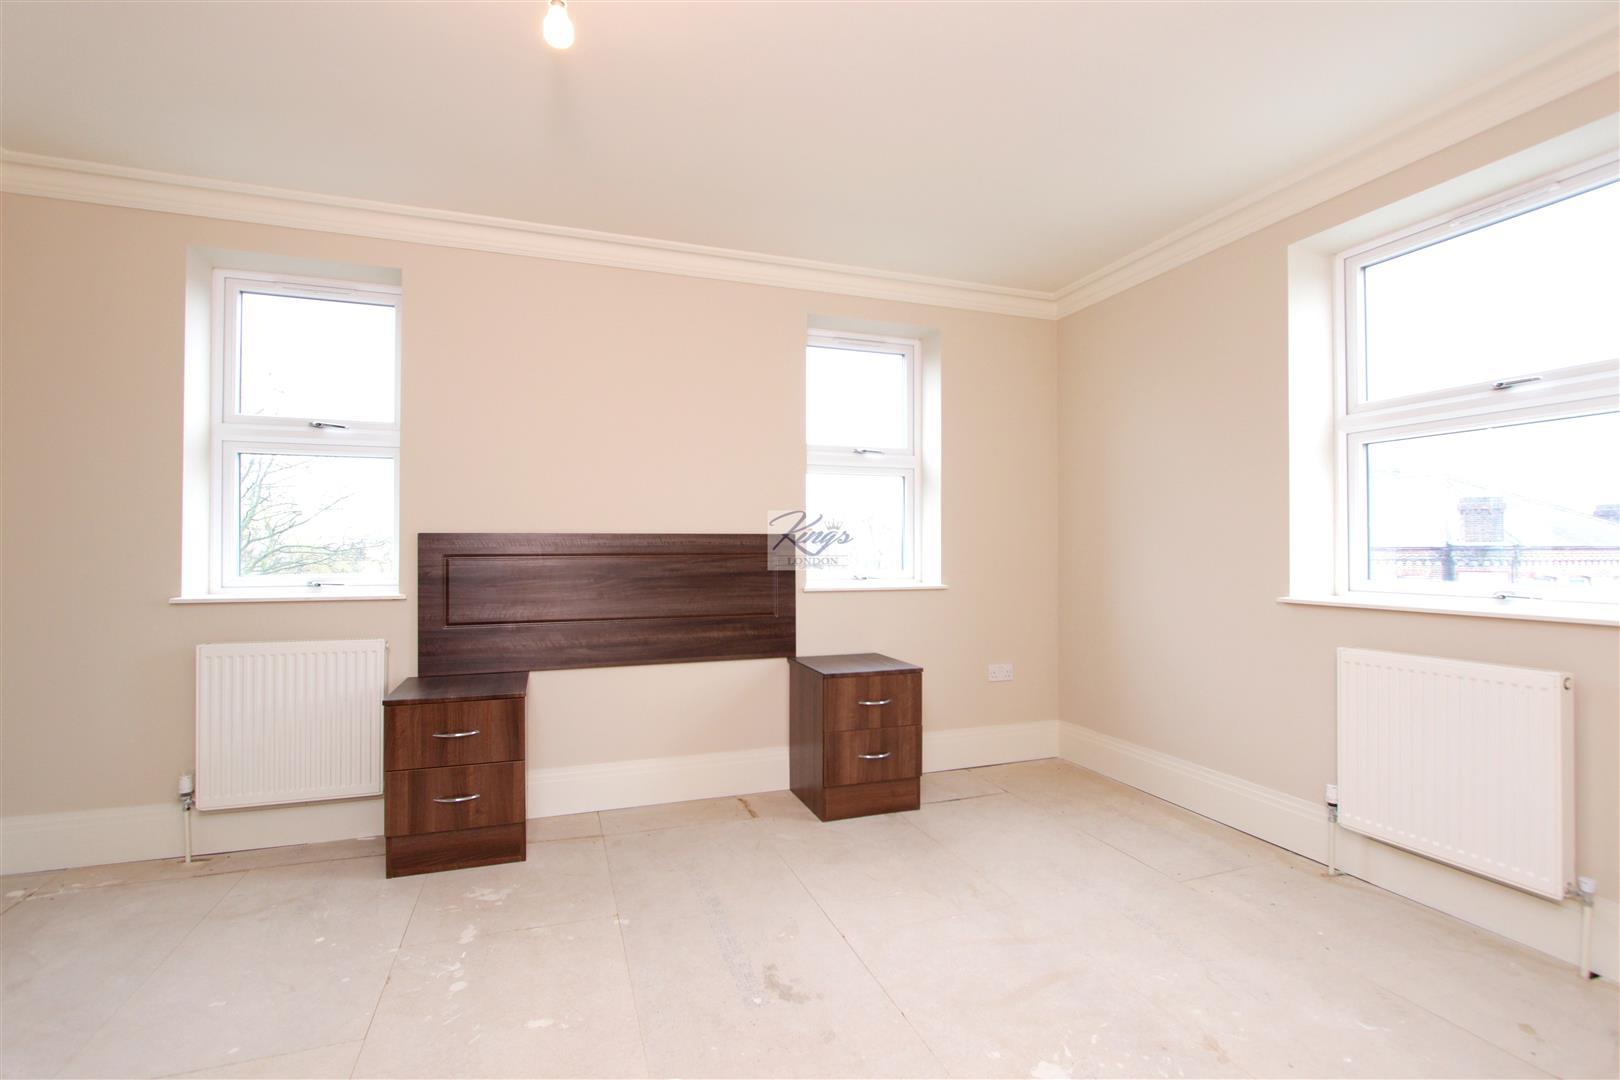 2 Bedroom Flat To Rent In Uxbridge 28 Images 2 Bedroom